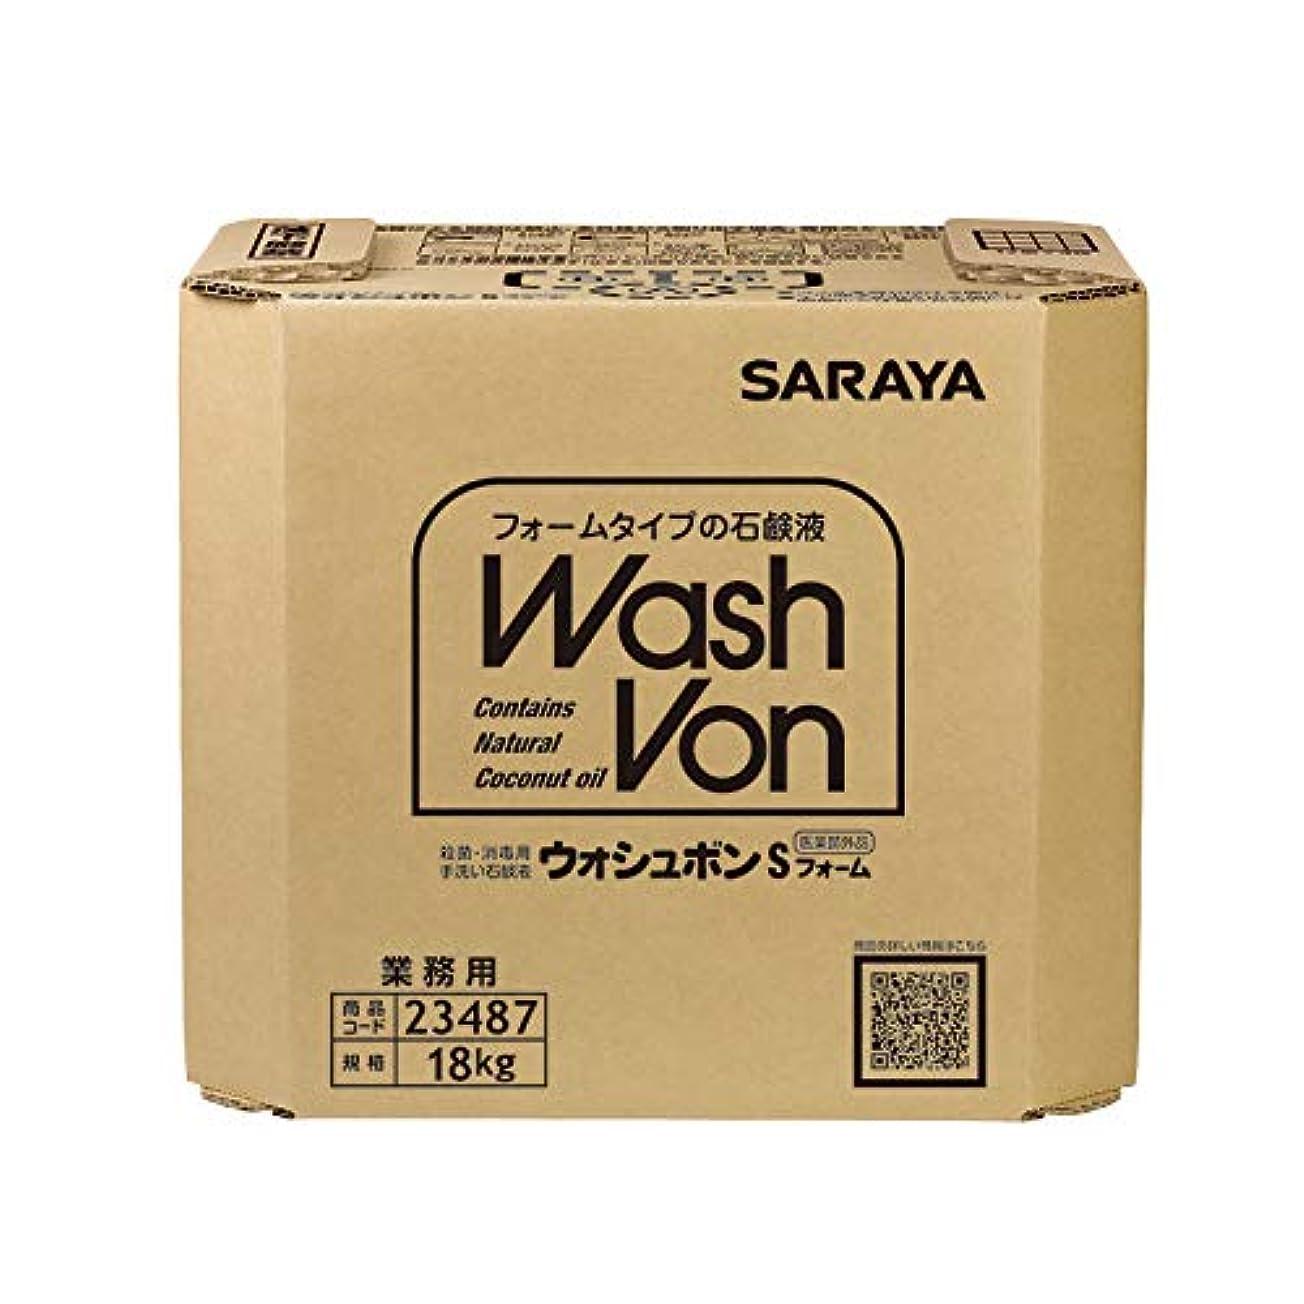 乳剤風邪をひく大サラヤ ウォシュボン Sフォーム 18kg 23487 (コック付き)